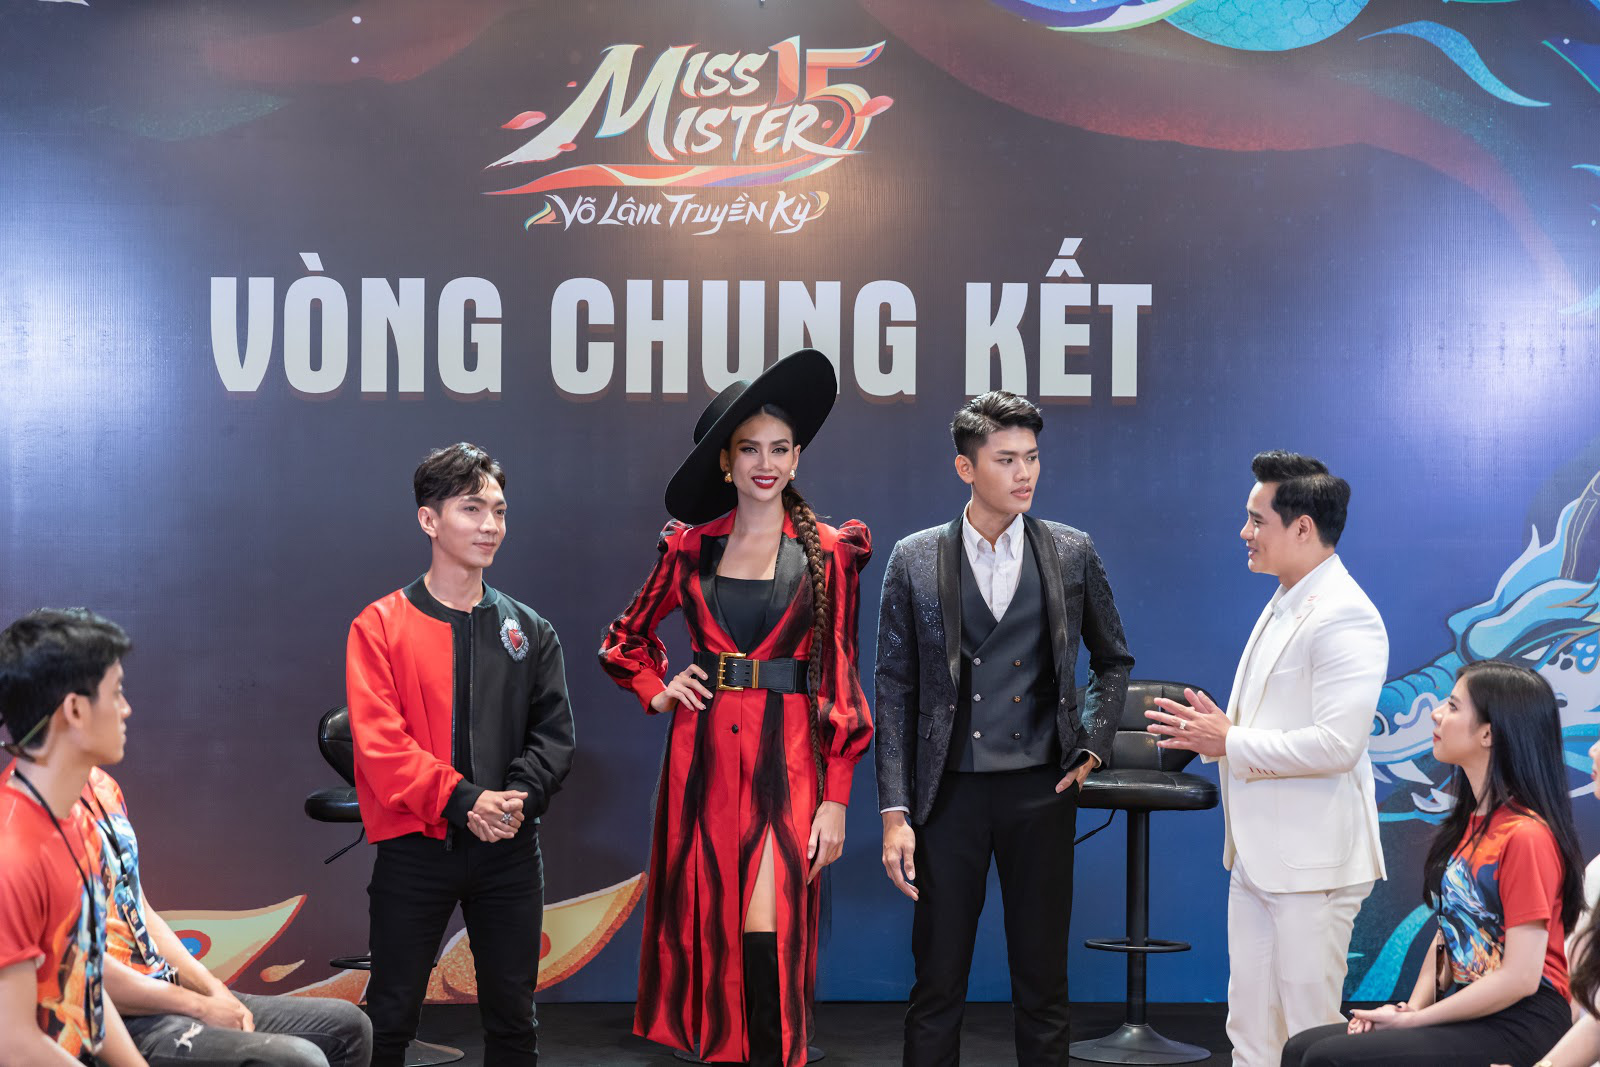 Siêu mẫu Võ Hoàng Yến: Thí sinh Miss & Mister VLTK 15 phá vỡ định kiến về thời trang của giới game thủ - Ảnh 1.